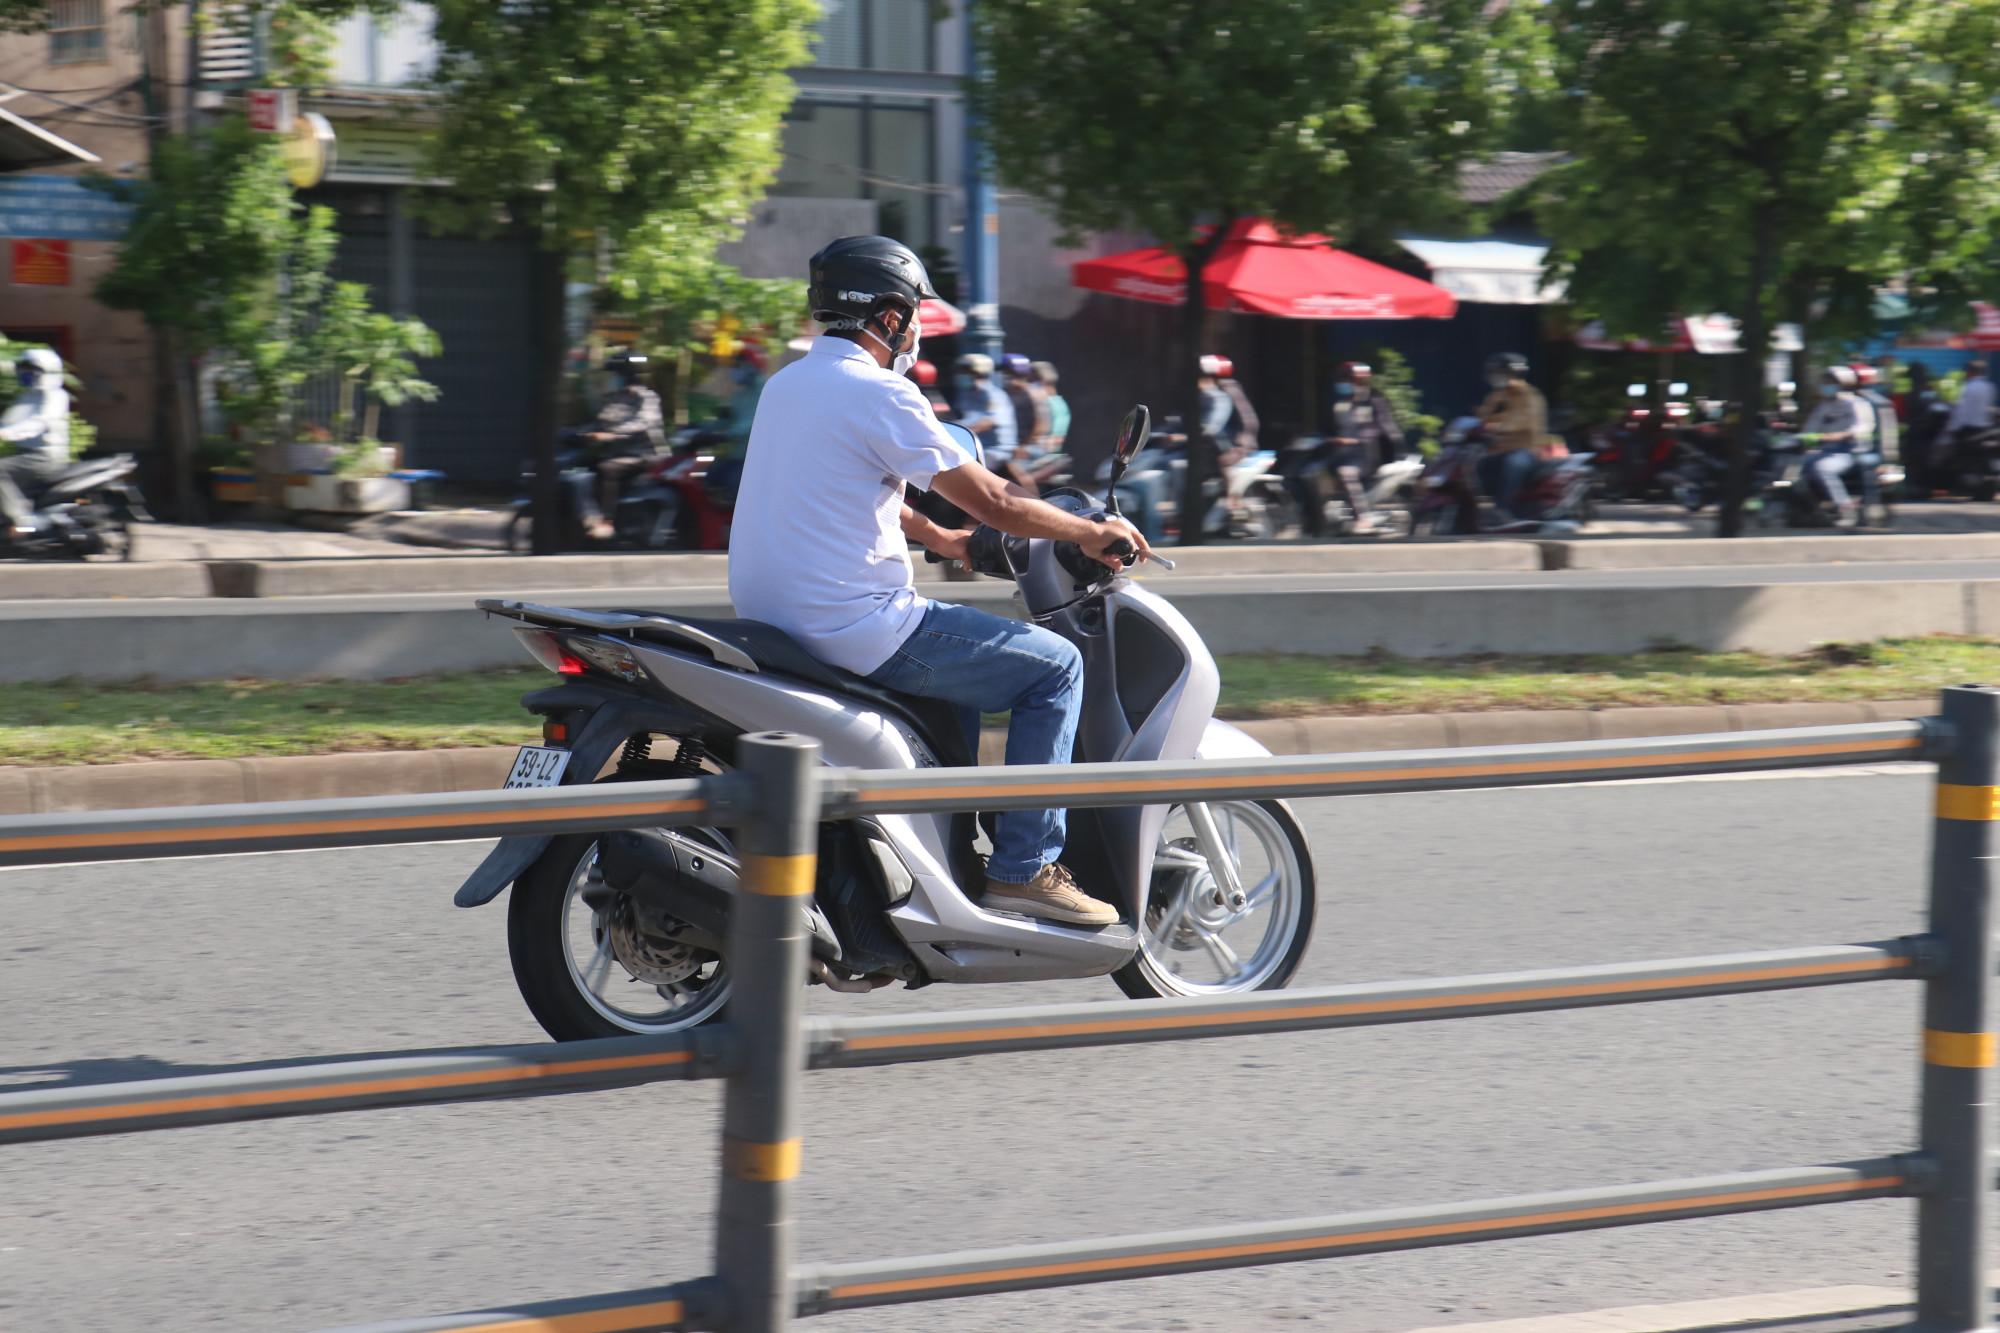 Nhiều trường hợp chạy xe vào đường cấm lúc thành phố giãn cách xã hội, lưu lượng giao thông giảm.